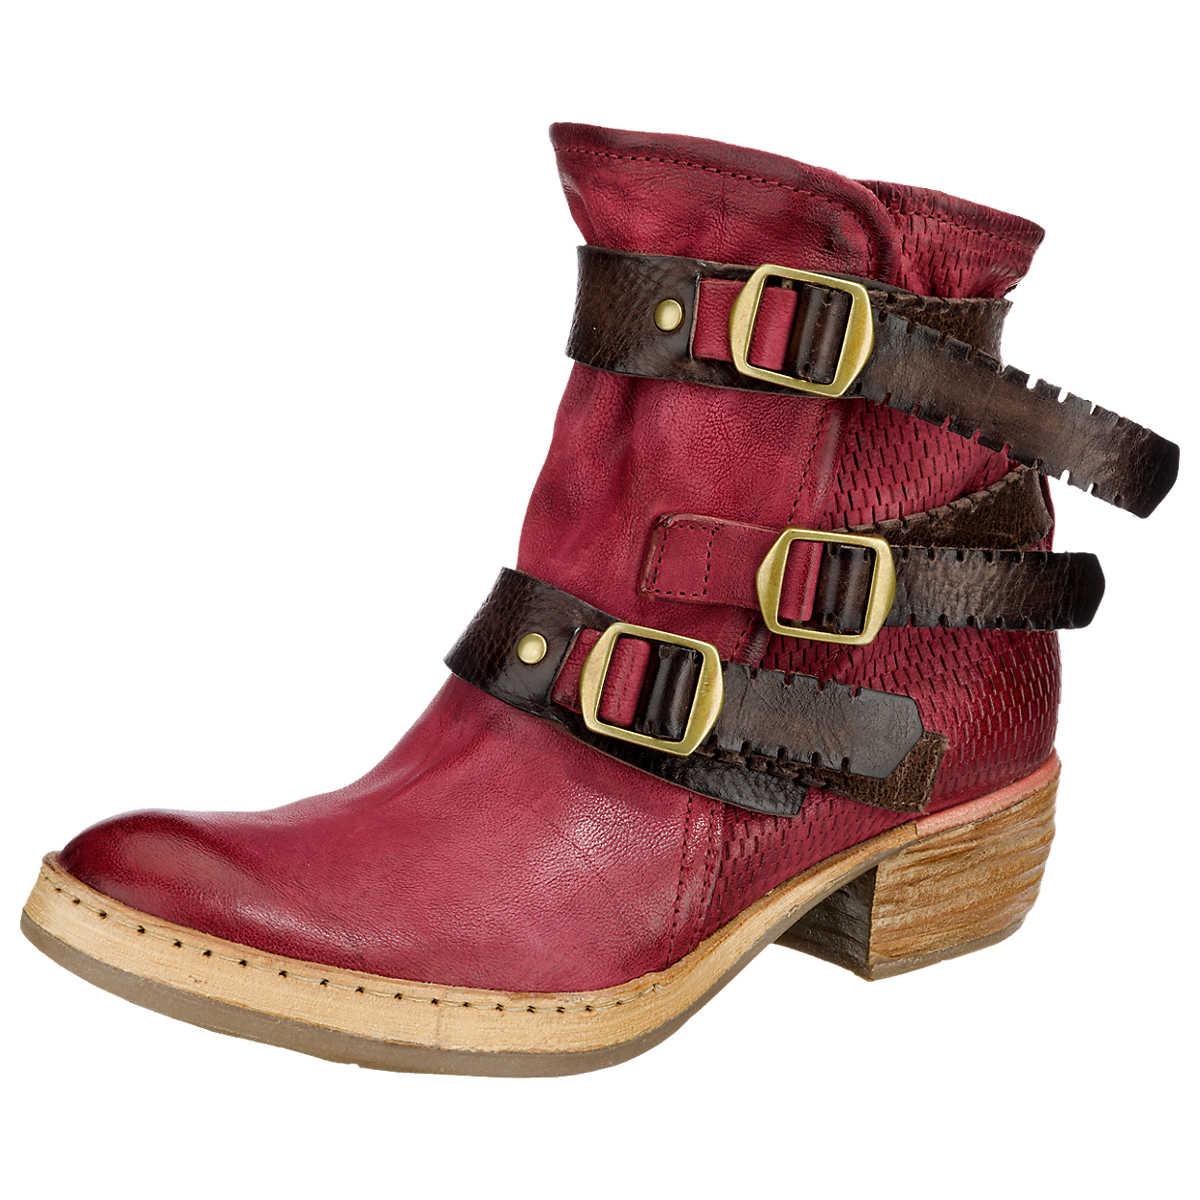 A.S.98 Haiti Stiefeletten rot - A.S.98 - Stiefeletten - Schuhe - mirapodo.de